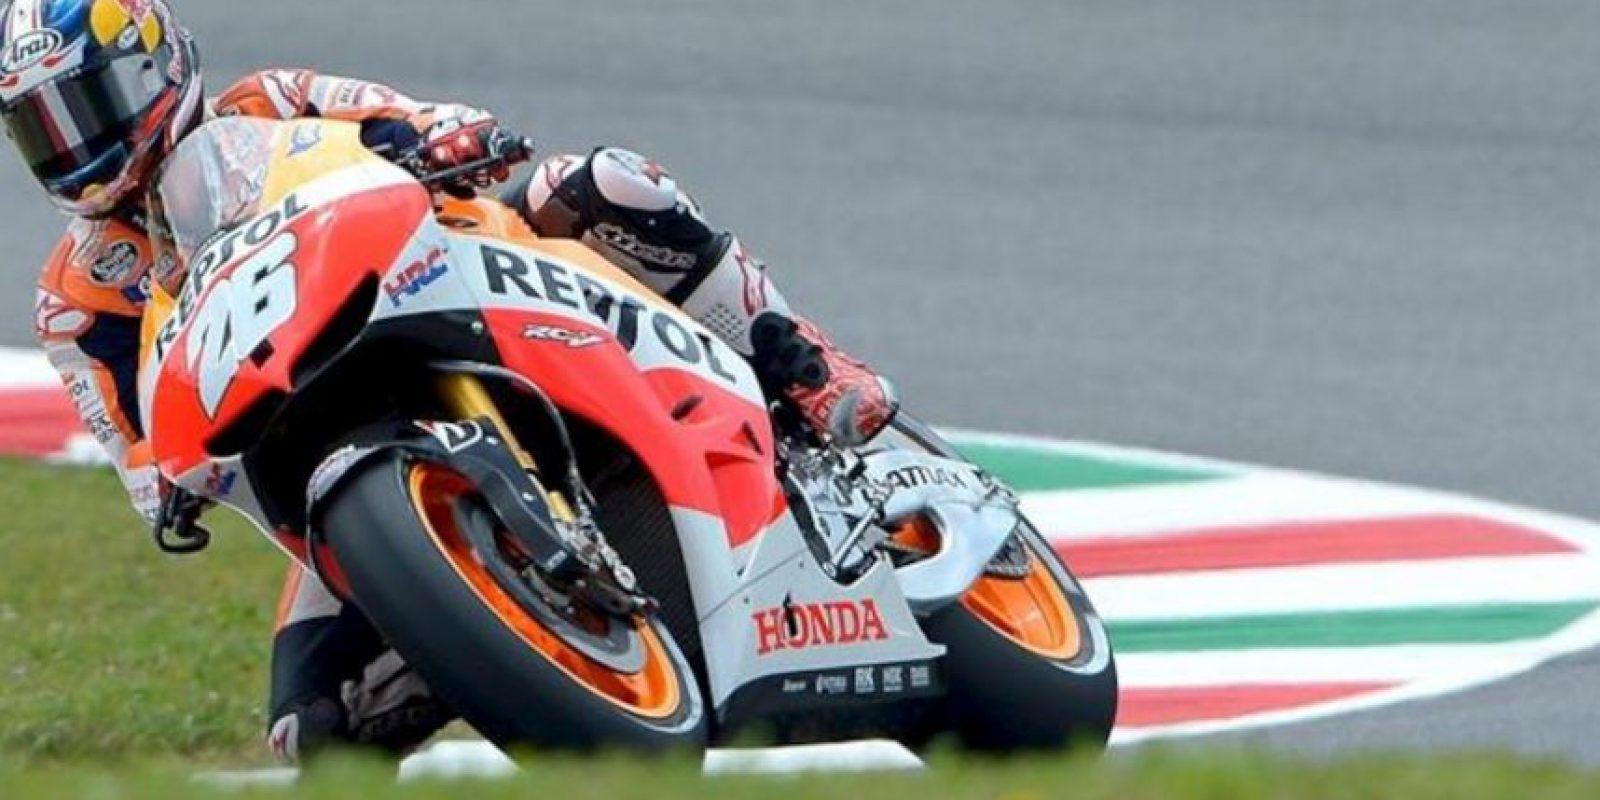 El piloto español de Repsol Honda, Dani Pedrosa, toma una curva durante la segunda sesión de entrenamientos libres del Gran Premio de Italia. EFE